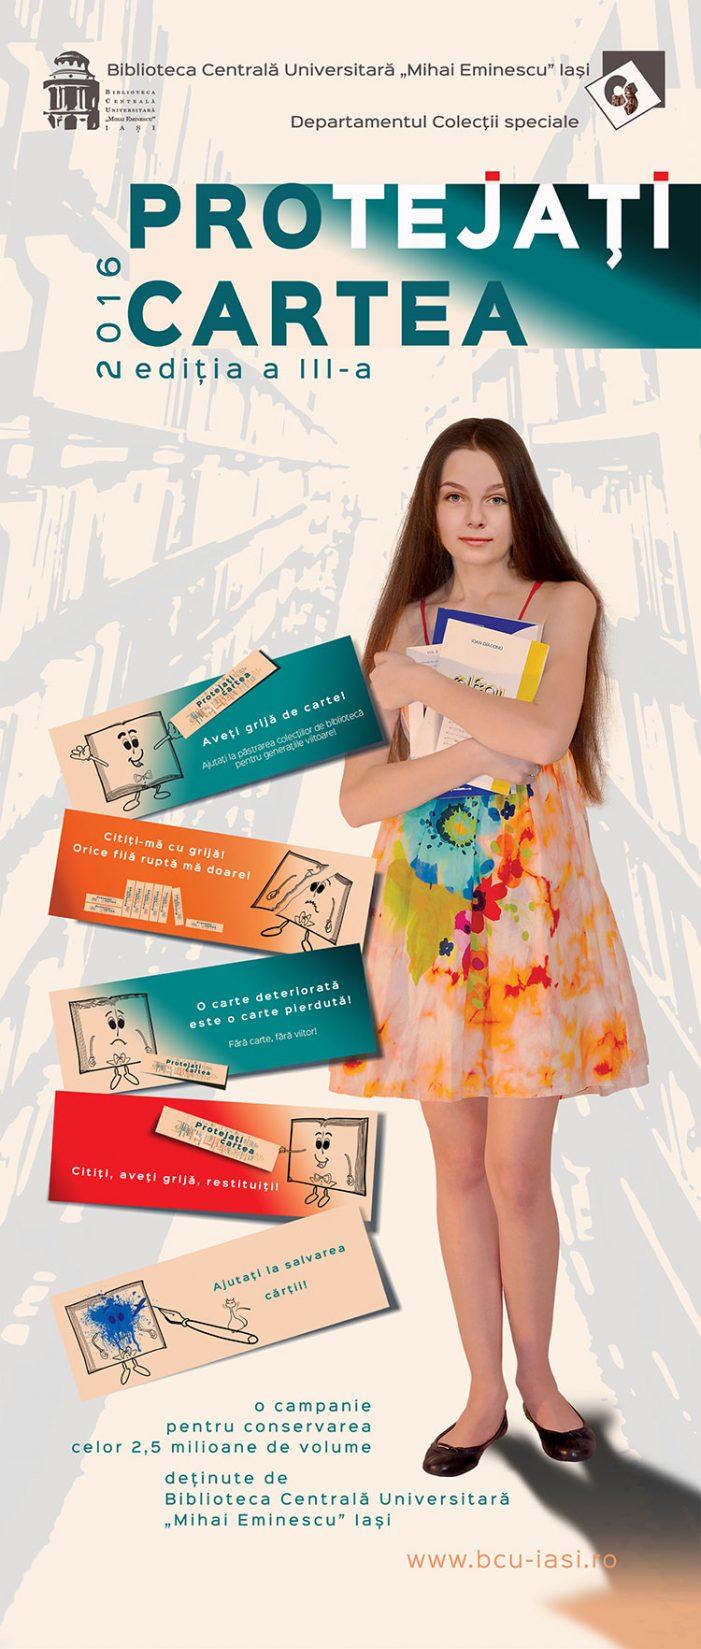 """Biblioteca Centrală Universitară """"Mihai Eminescu"""" desfășoară campania """"Protejați cartea"""""""